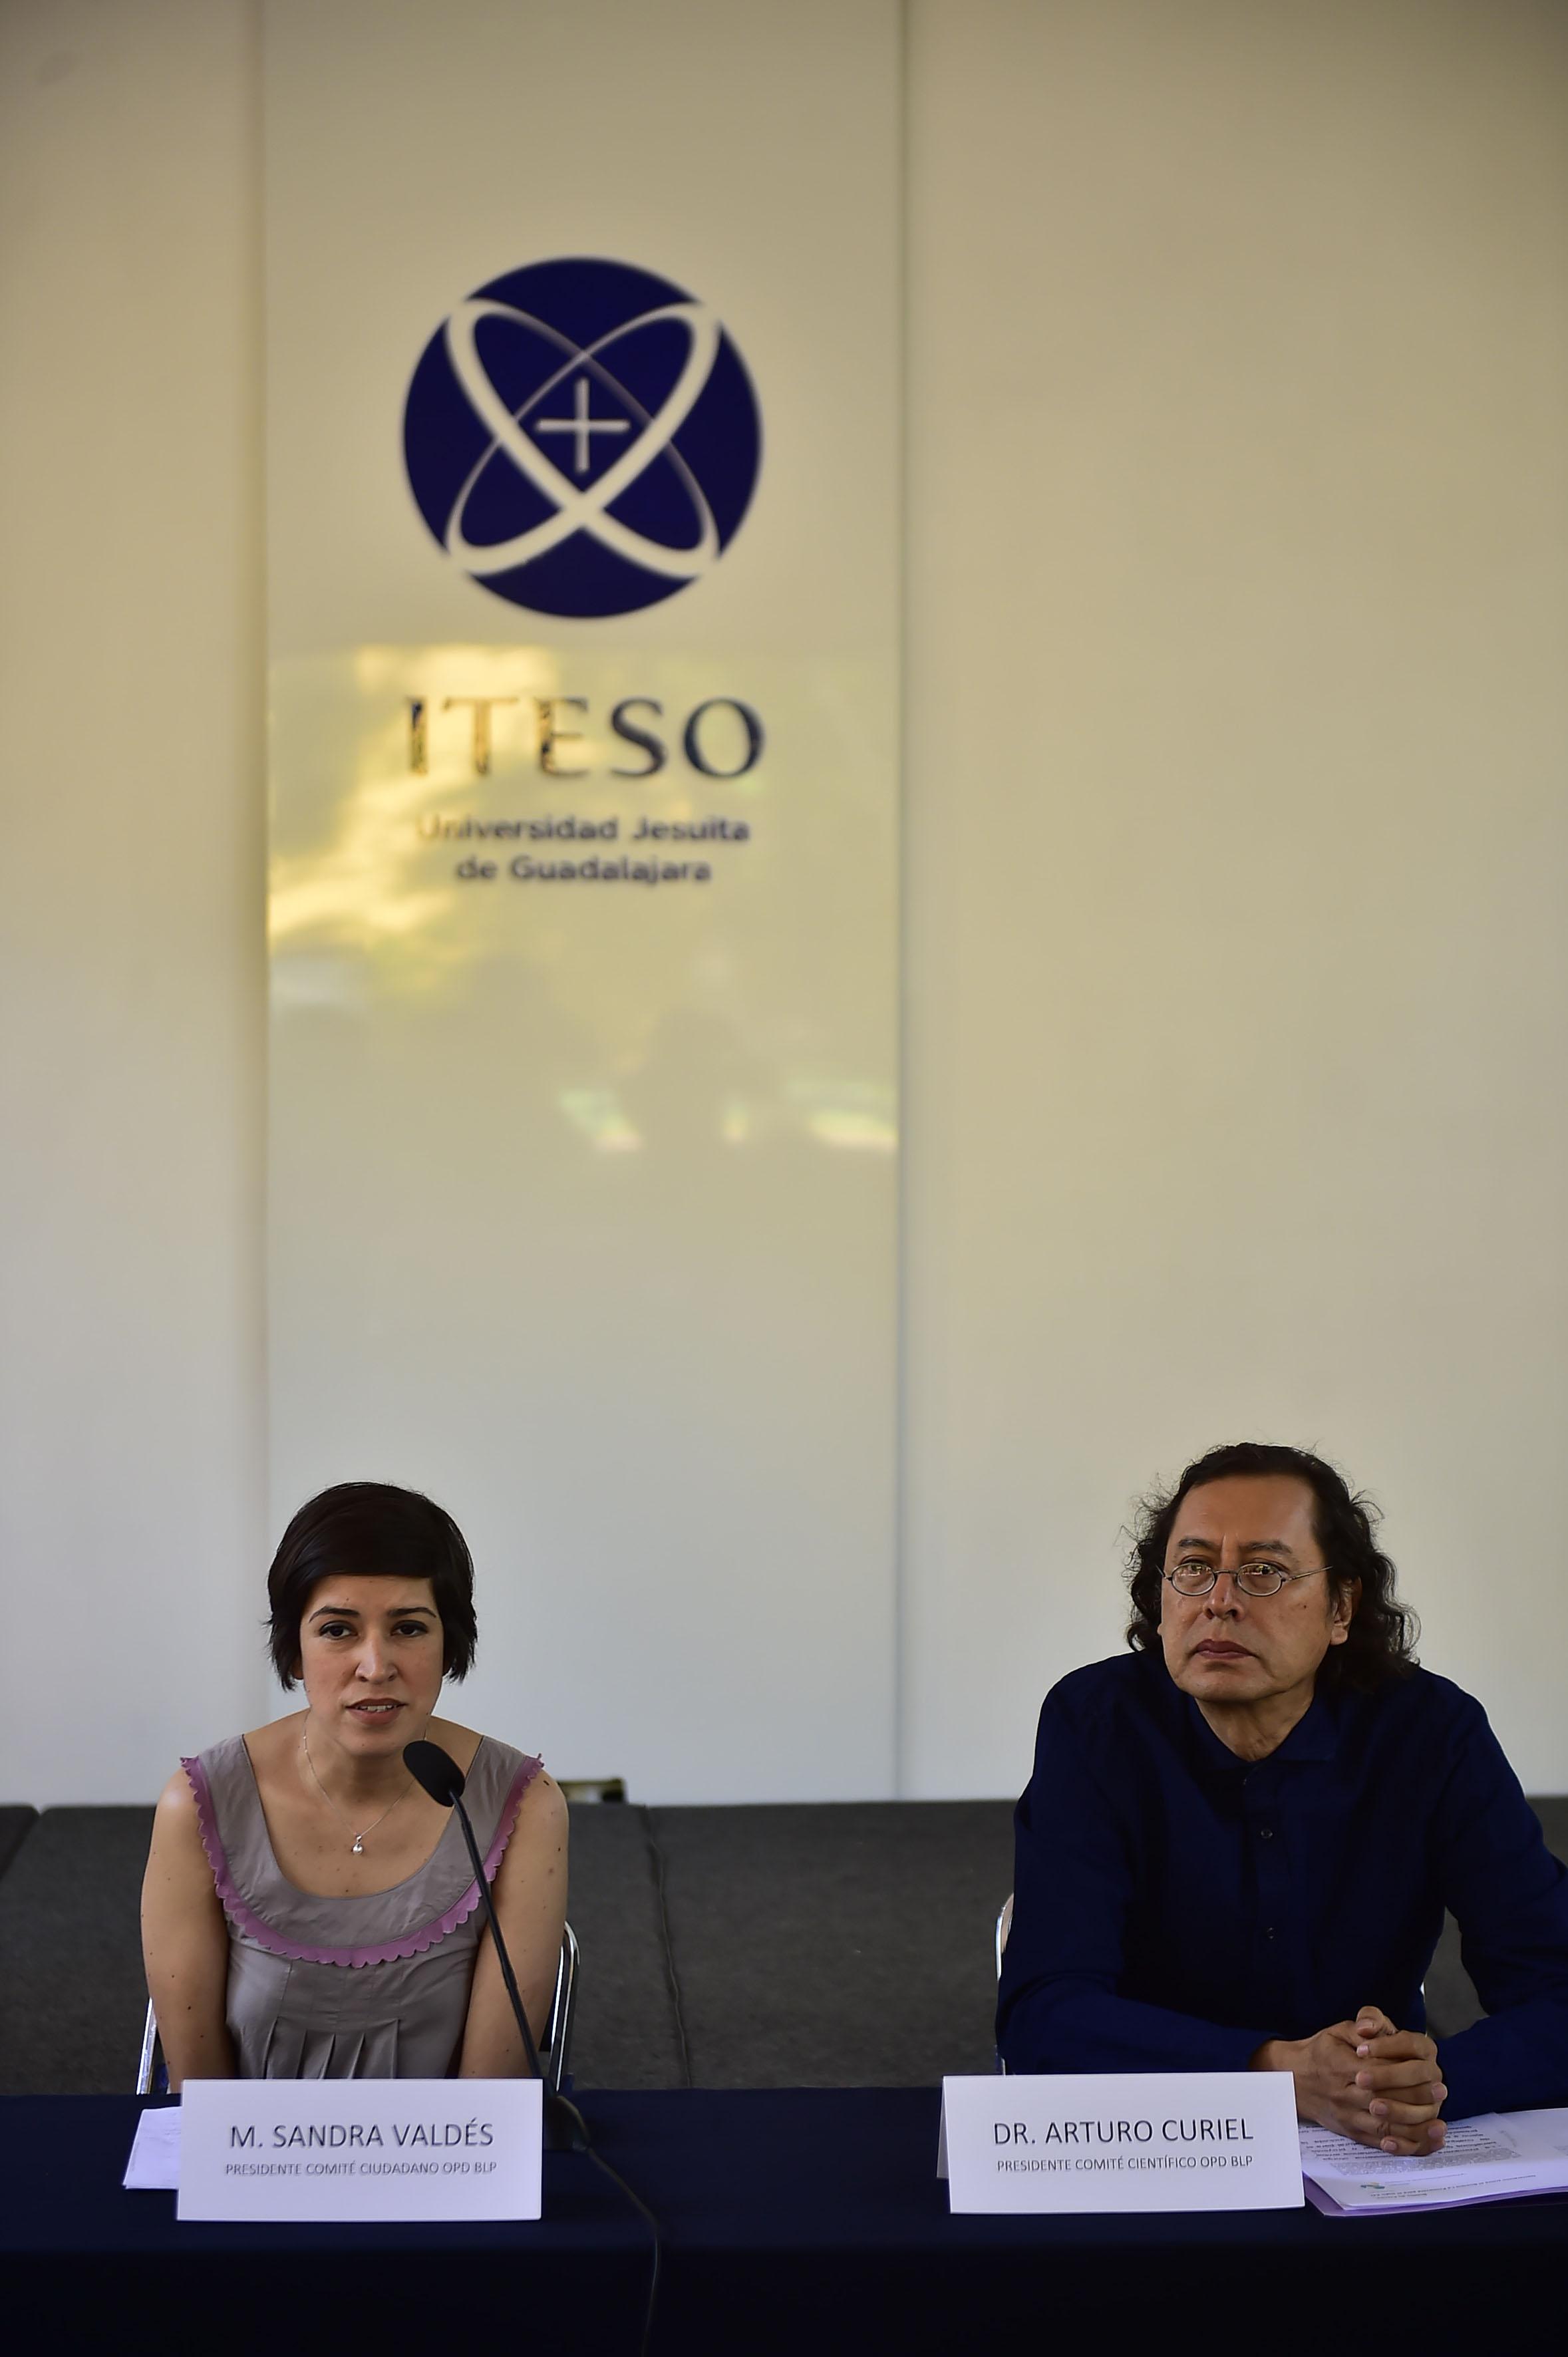 Dr. Arturo Curiel Ballesteros y Sandra Valdés Valdés participando en rueda de prensa